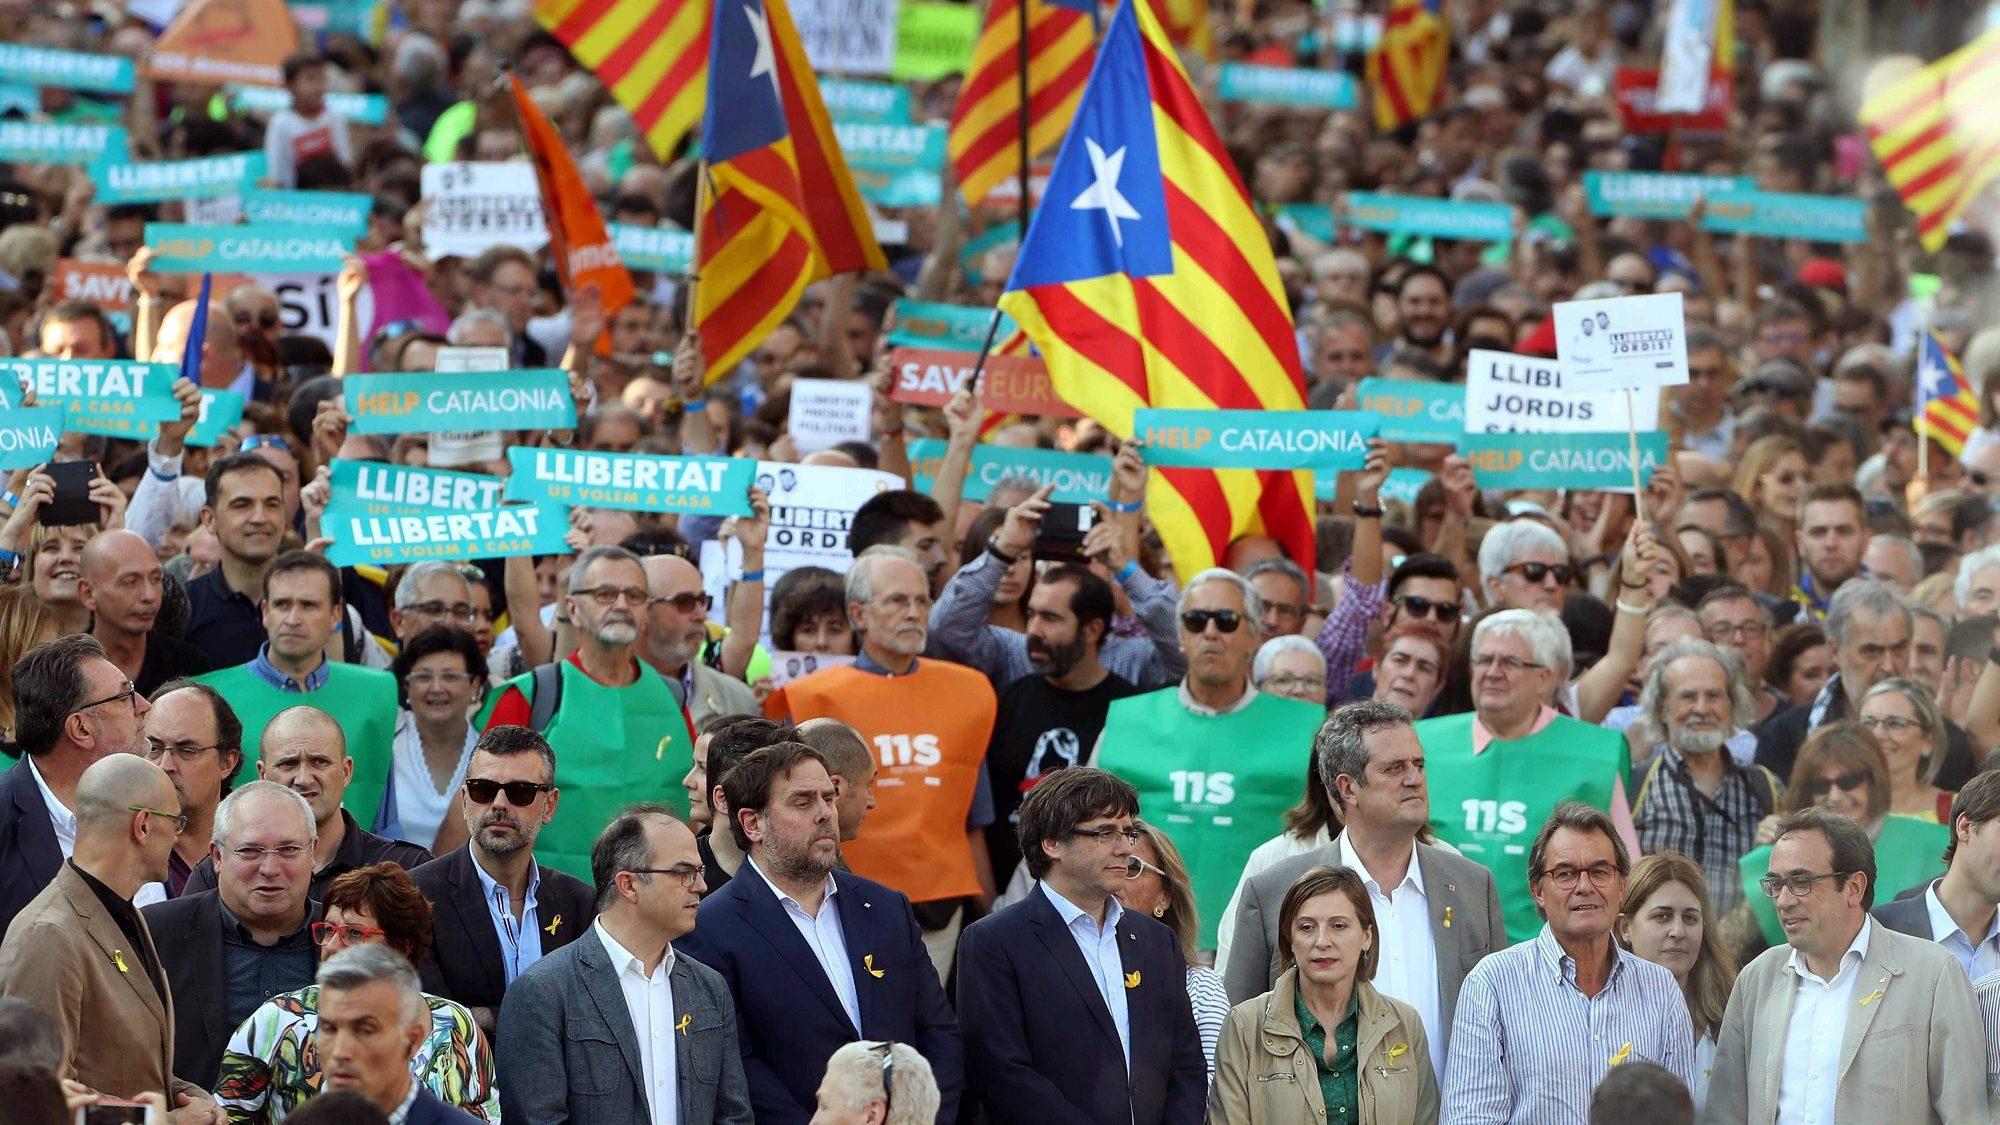 Dezenas de milhares manifestam-se contra decisão de Madrid